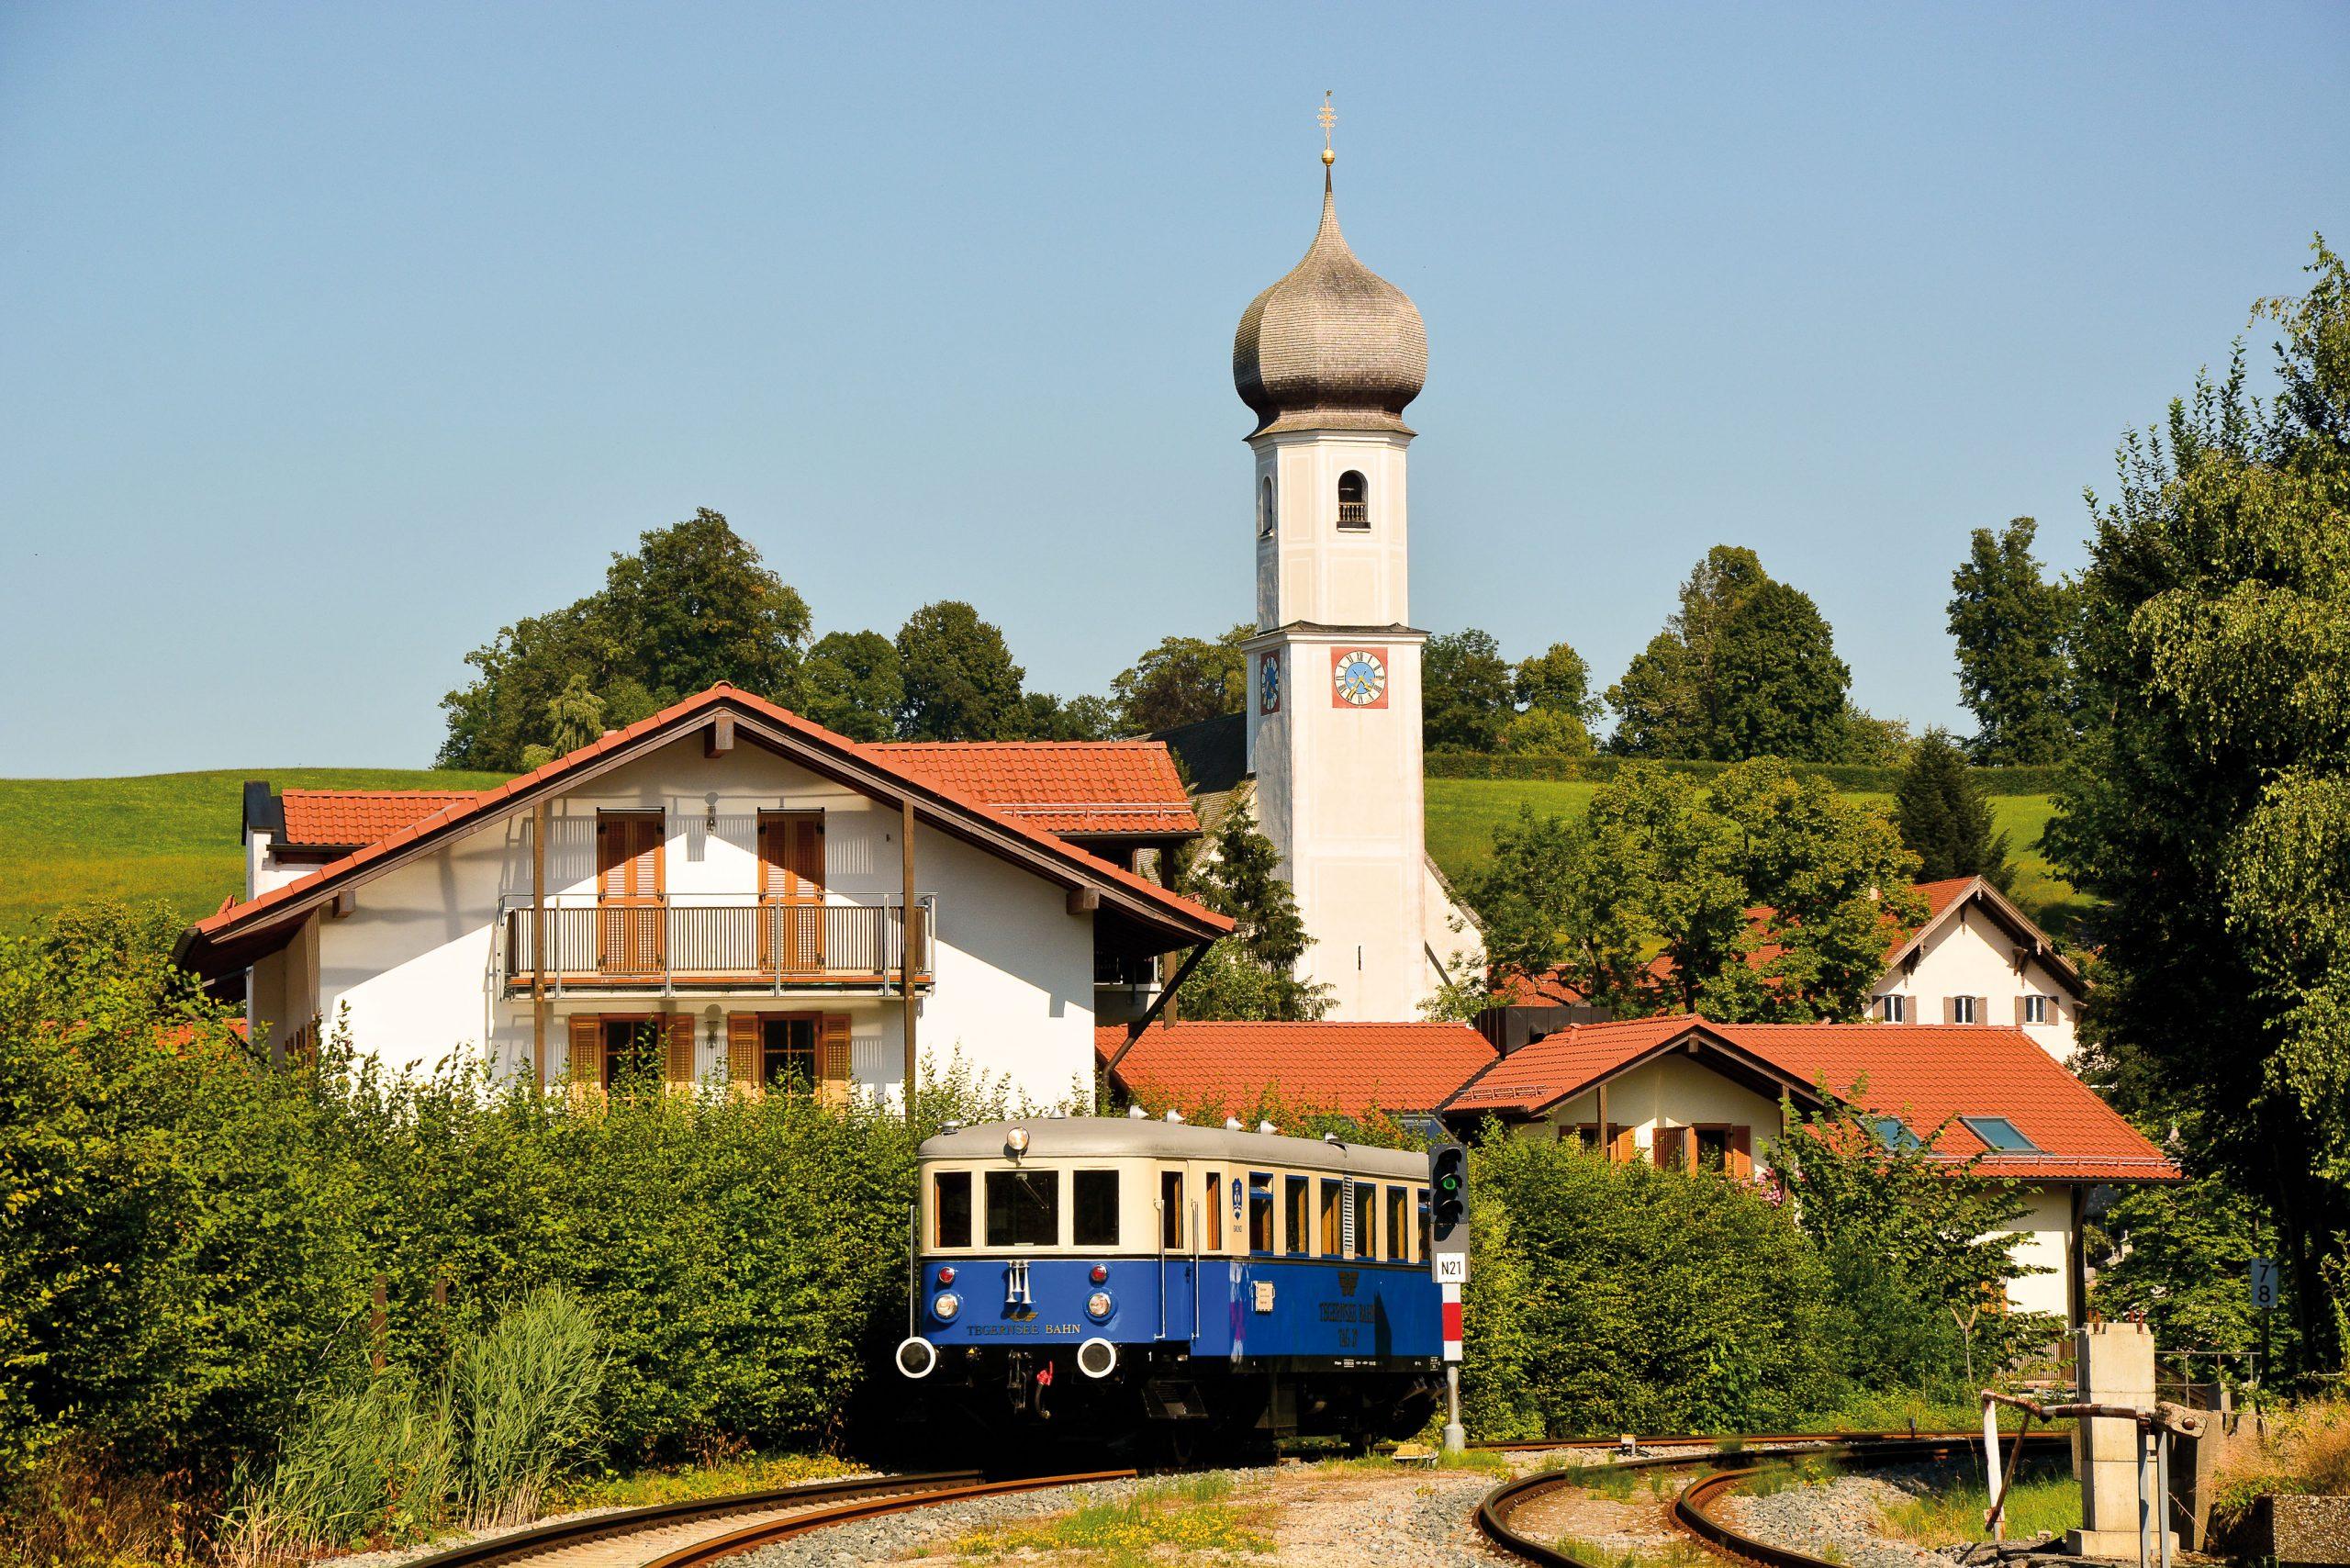 ©Foto: Steffen Mann   railmen   Triebwagen Tag Nr. 27, BJ 1938, Waggonbau Dessau im BF Gmund / Tegernsee